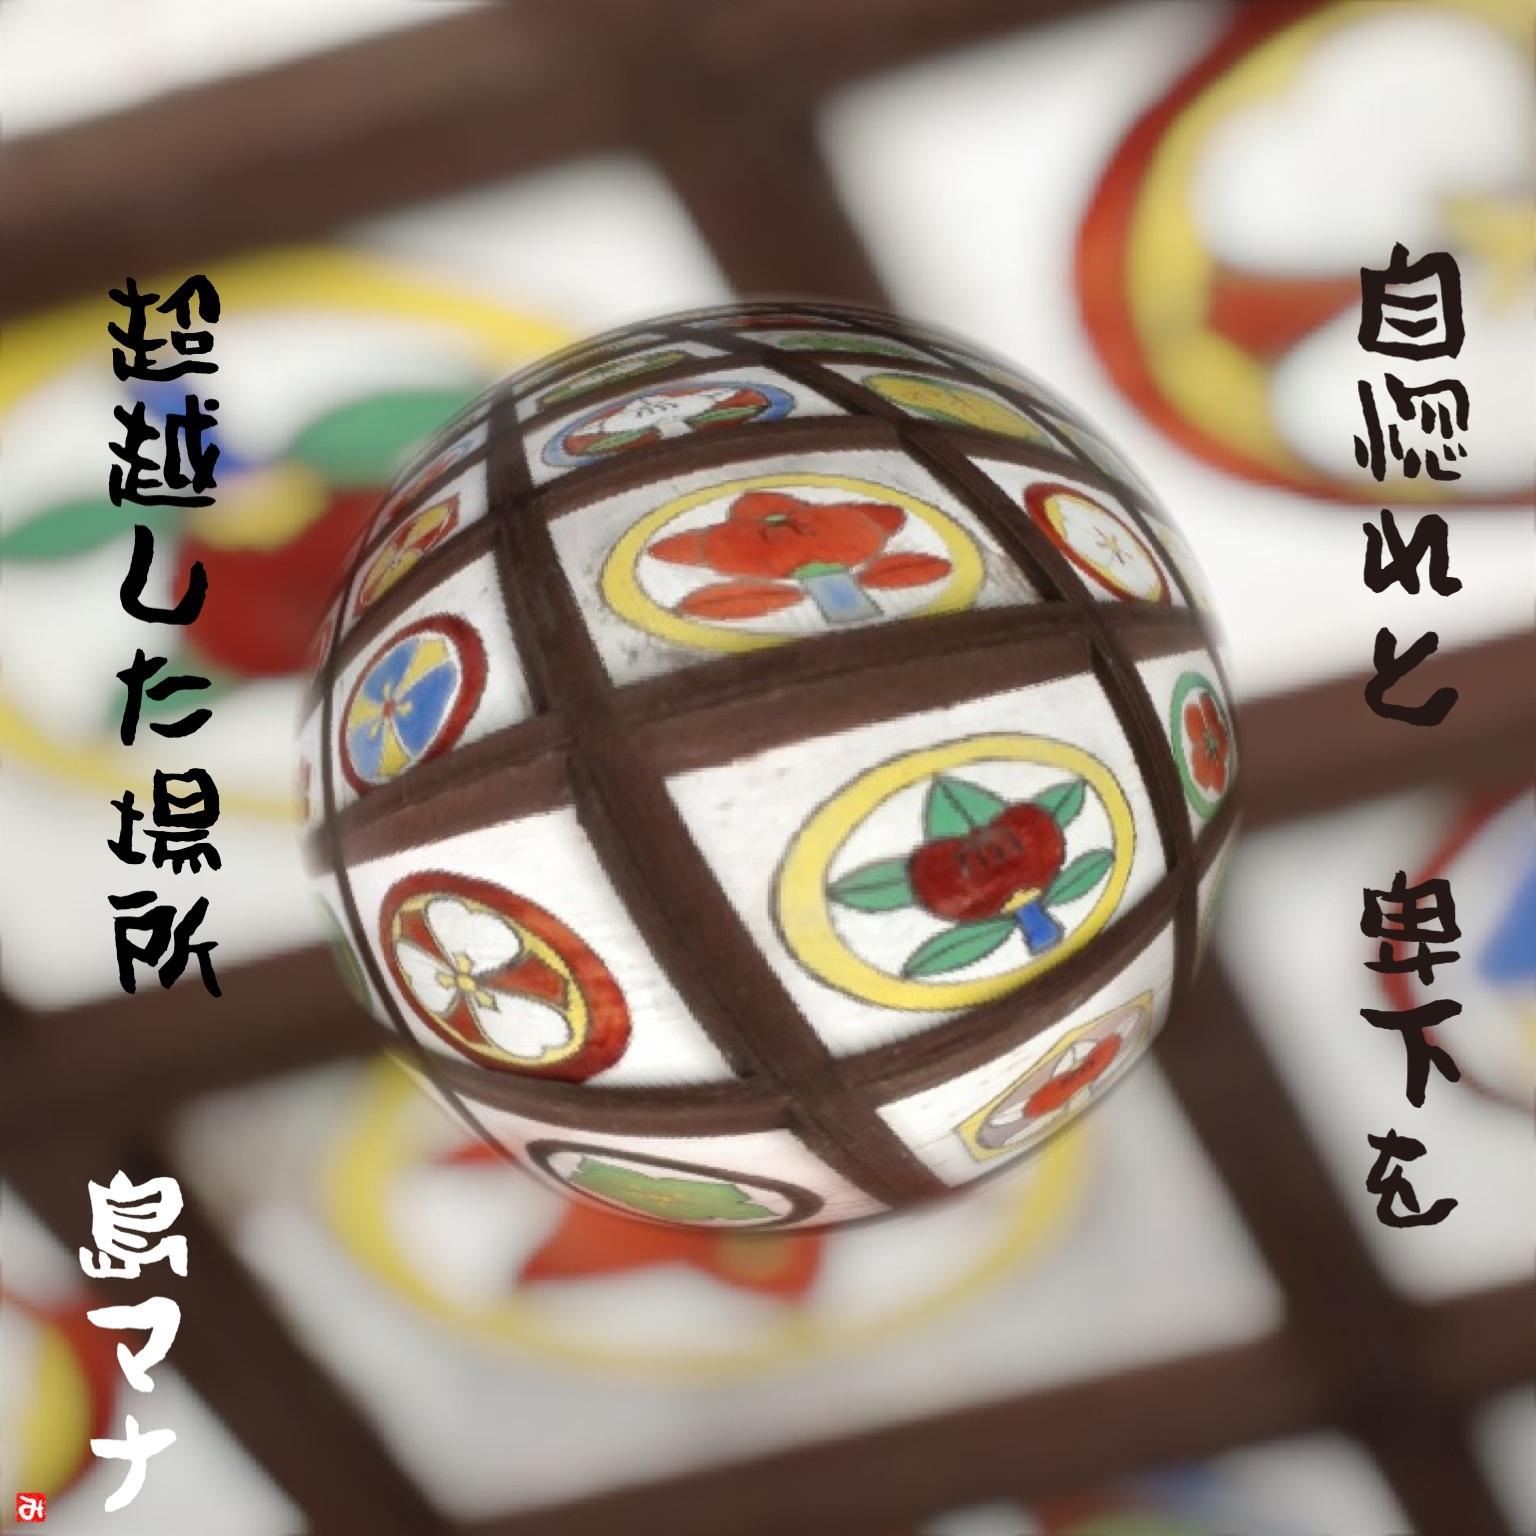 天井画_f0183846_22334486.jpg